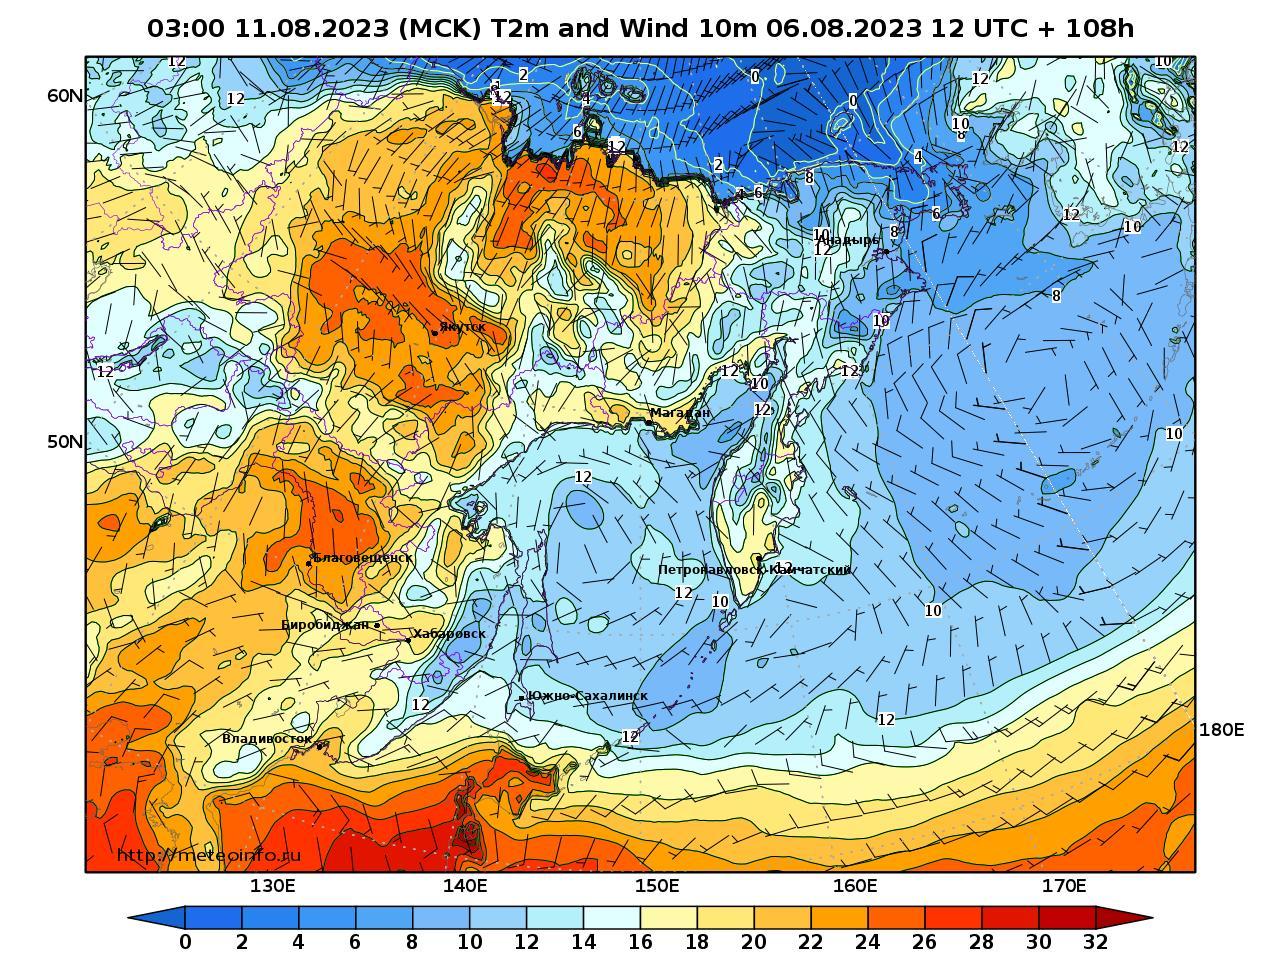 Дальний Восток, прогностическая карта приземная температура, заблаговременность прогноза 108 часов